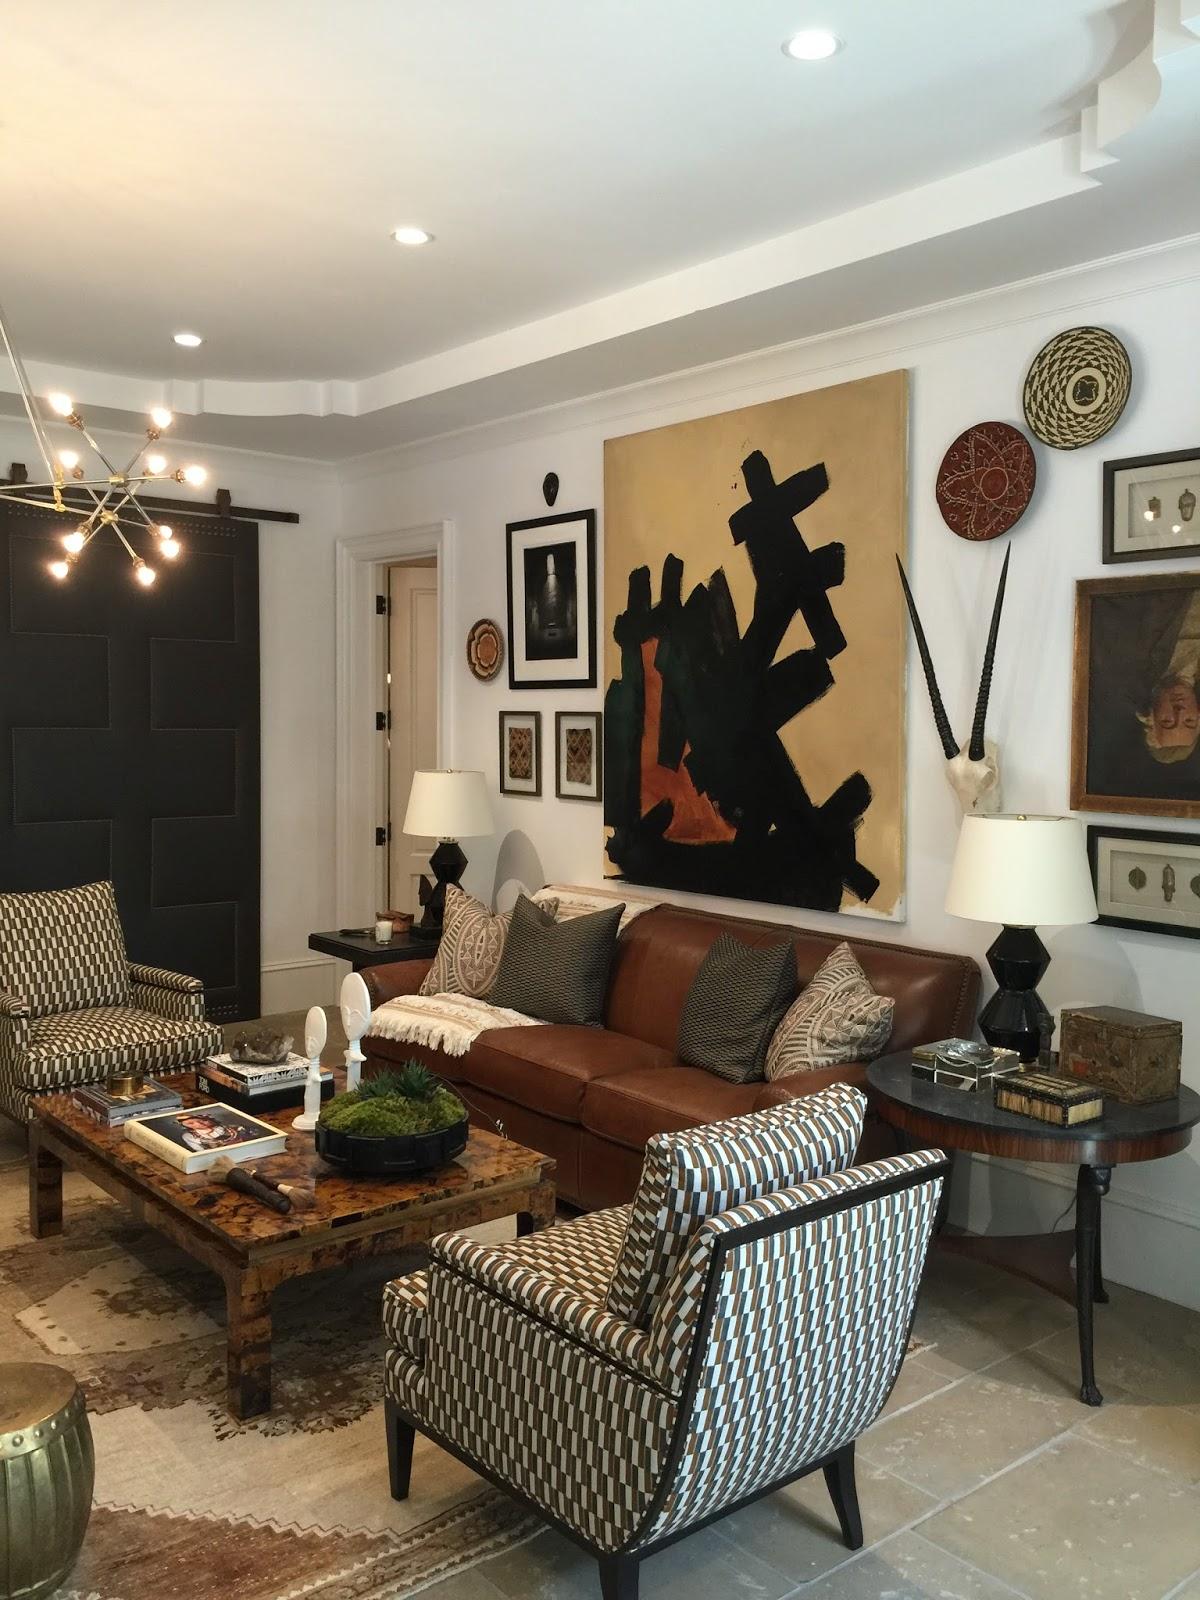 Guest House Lower Level Designed By Don Easterling U0026 Nina Nash Of Mathews  Furniture + Design.